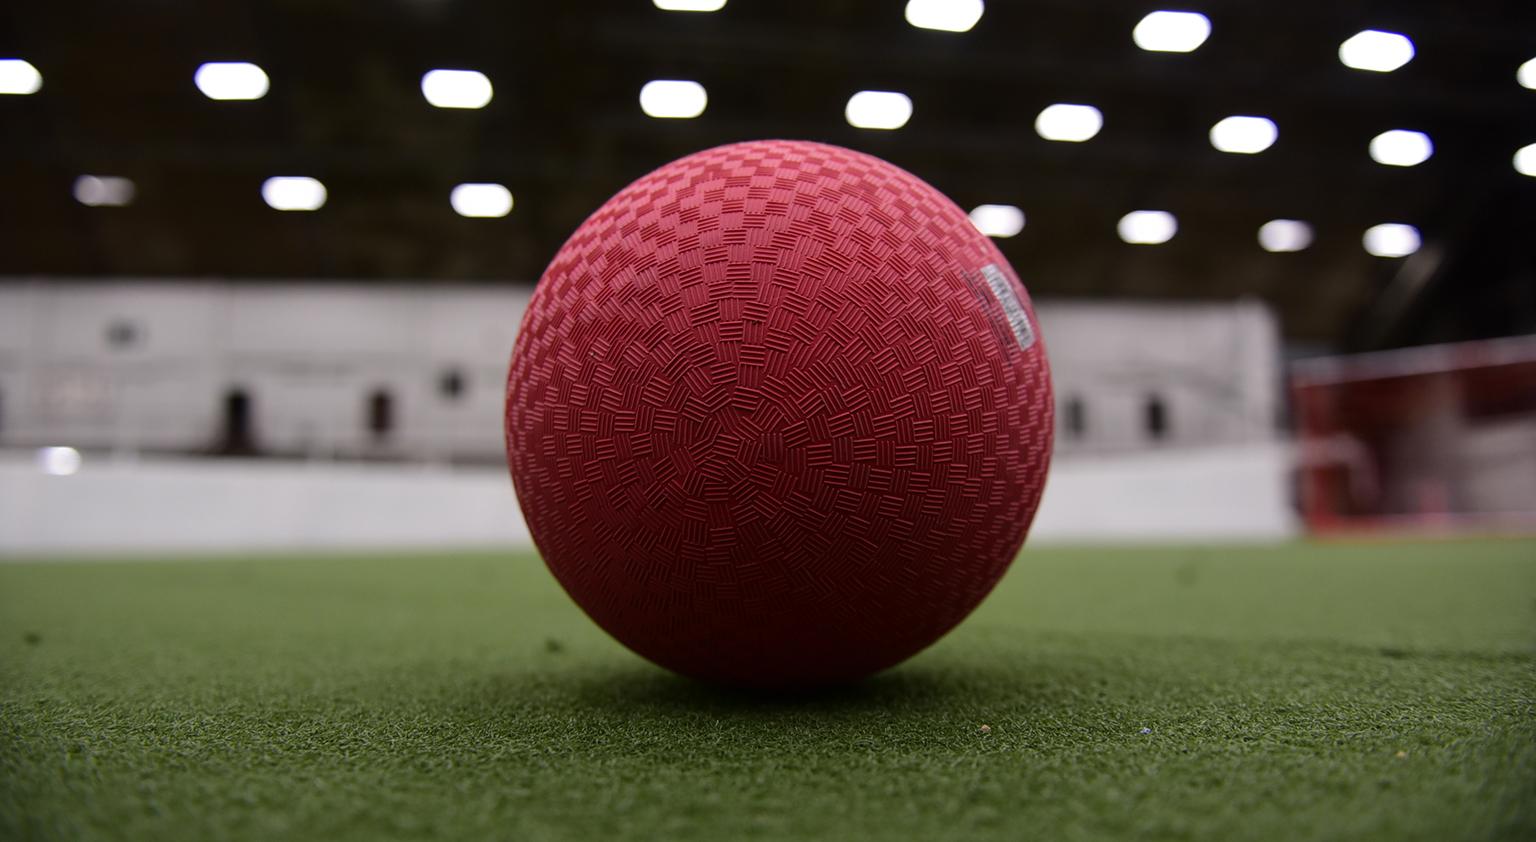 Dodgeball on turf